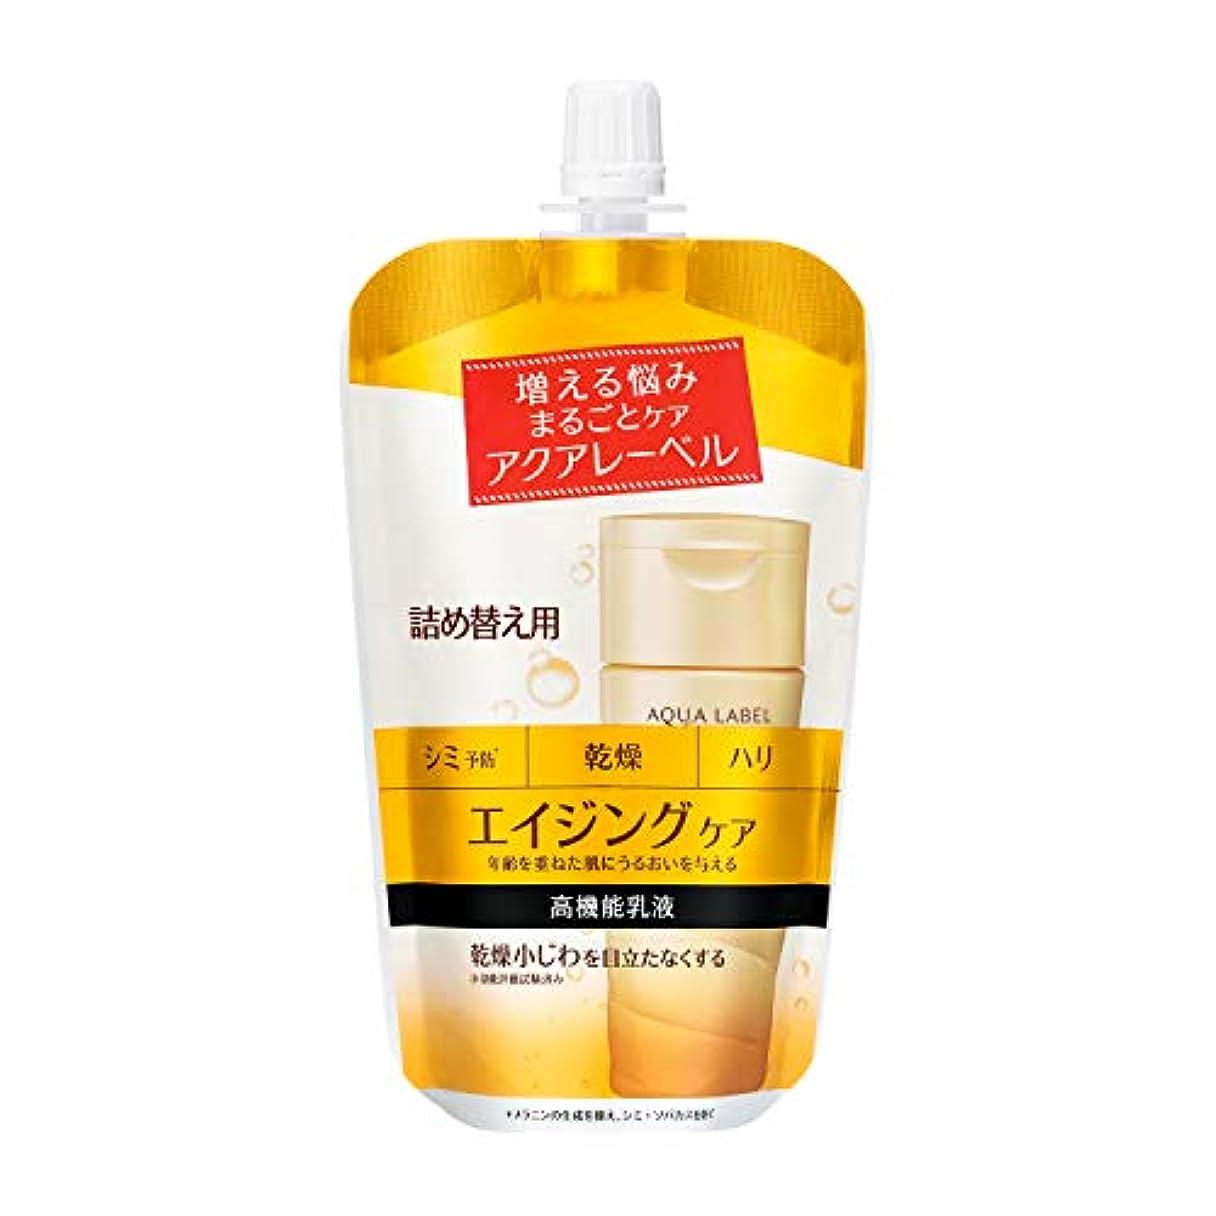 アクアレーベル バウンシングケア ミルク (詰め替え用) 117mL 【医薬部外品】